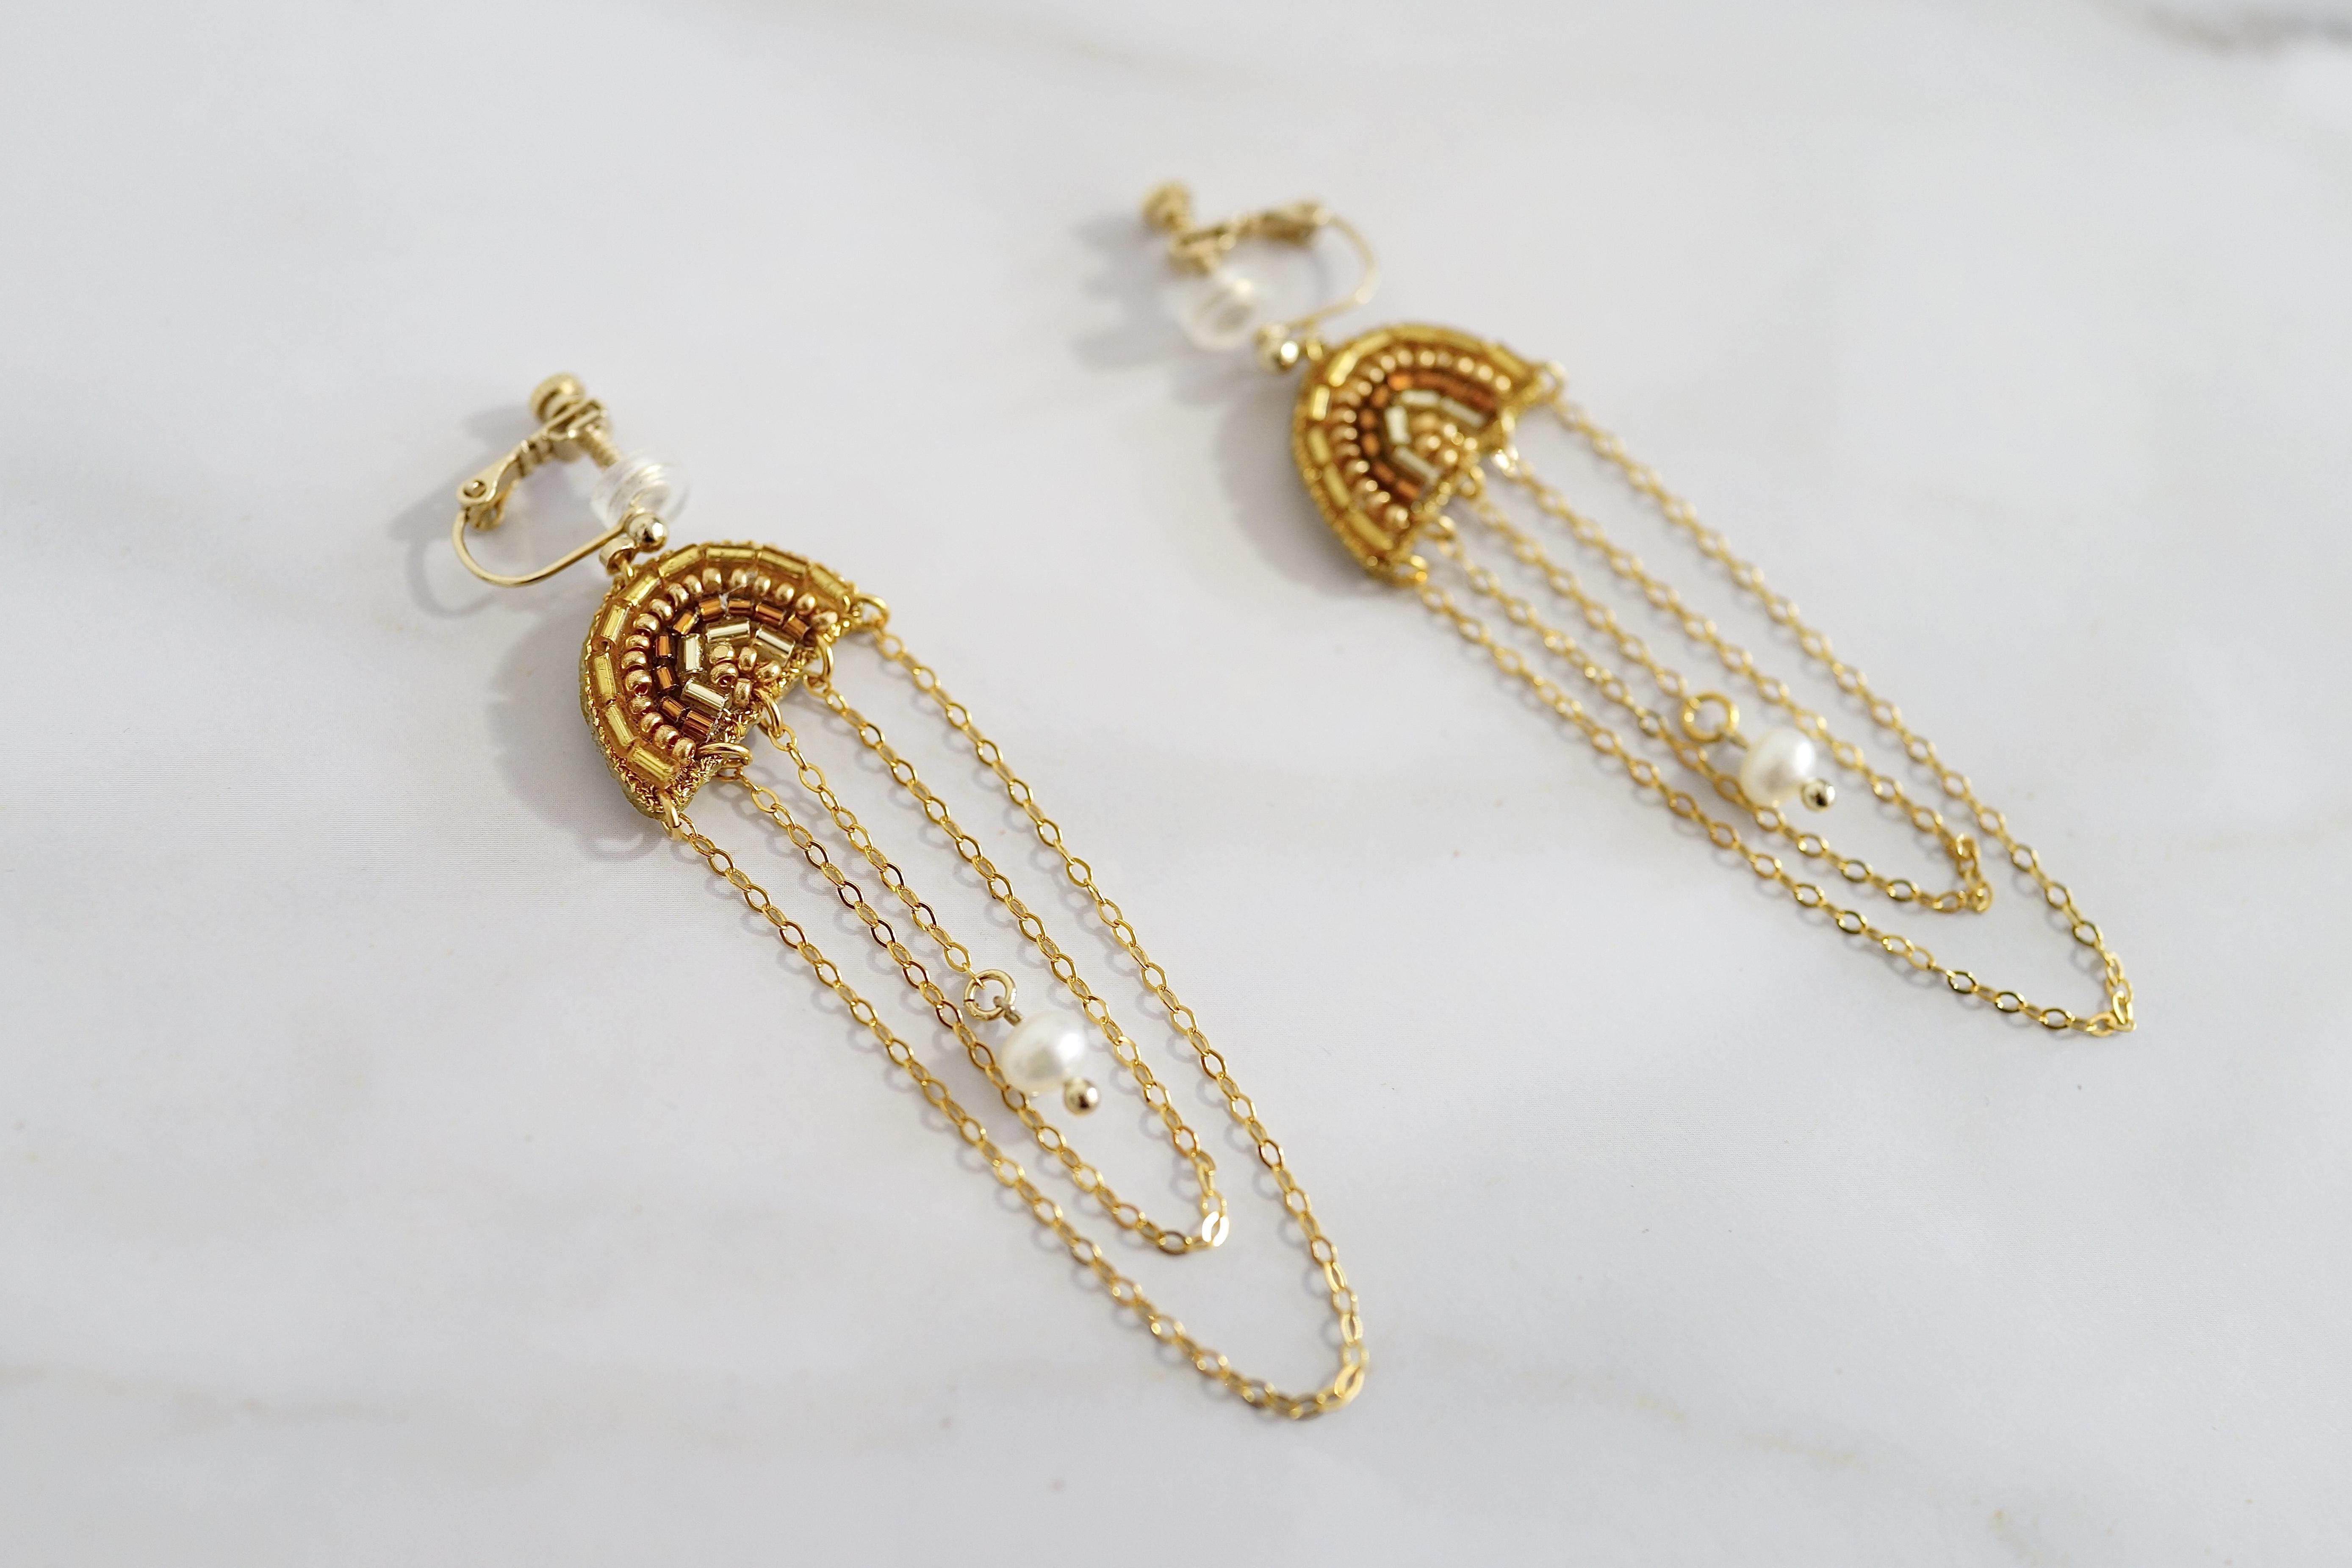 【刺繍ジュエリー】Half moon chain/gold *注文時にピアスorイヤリングお選びいただけます